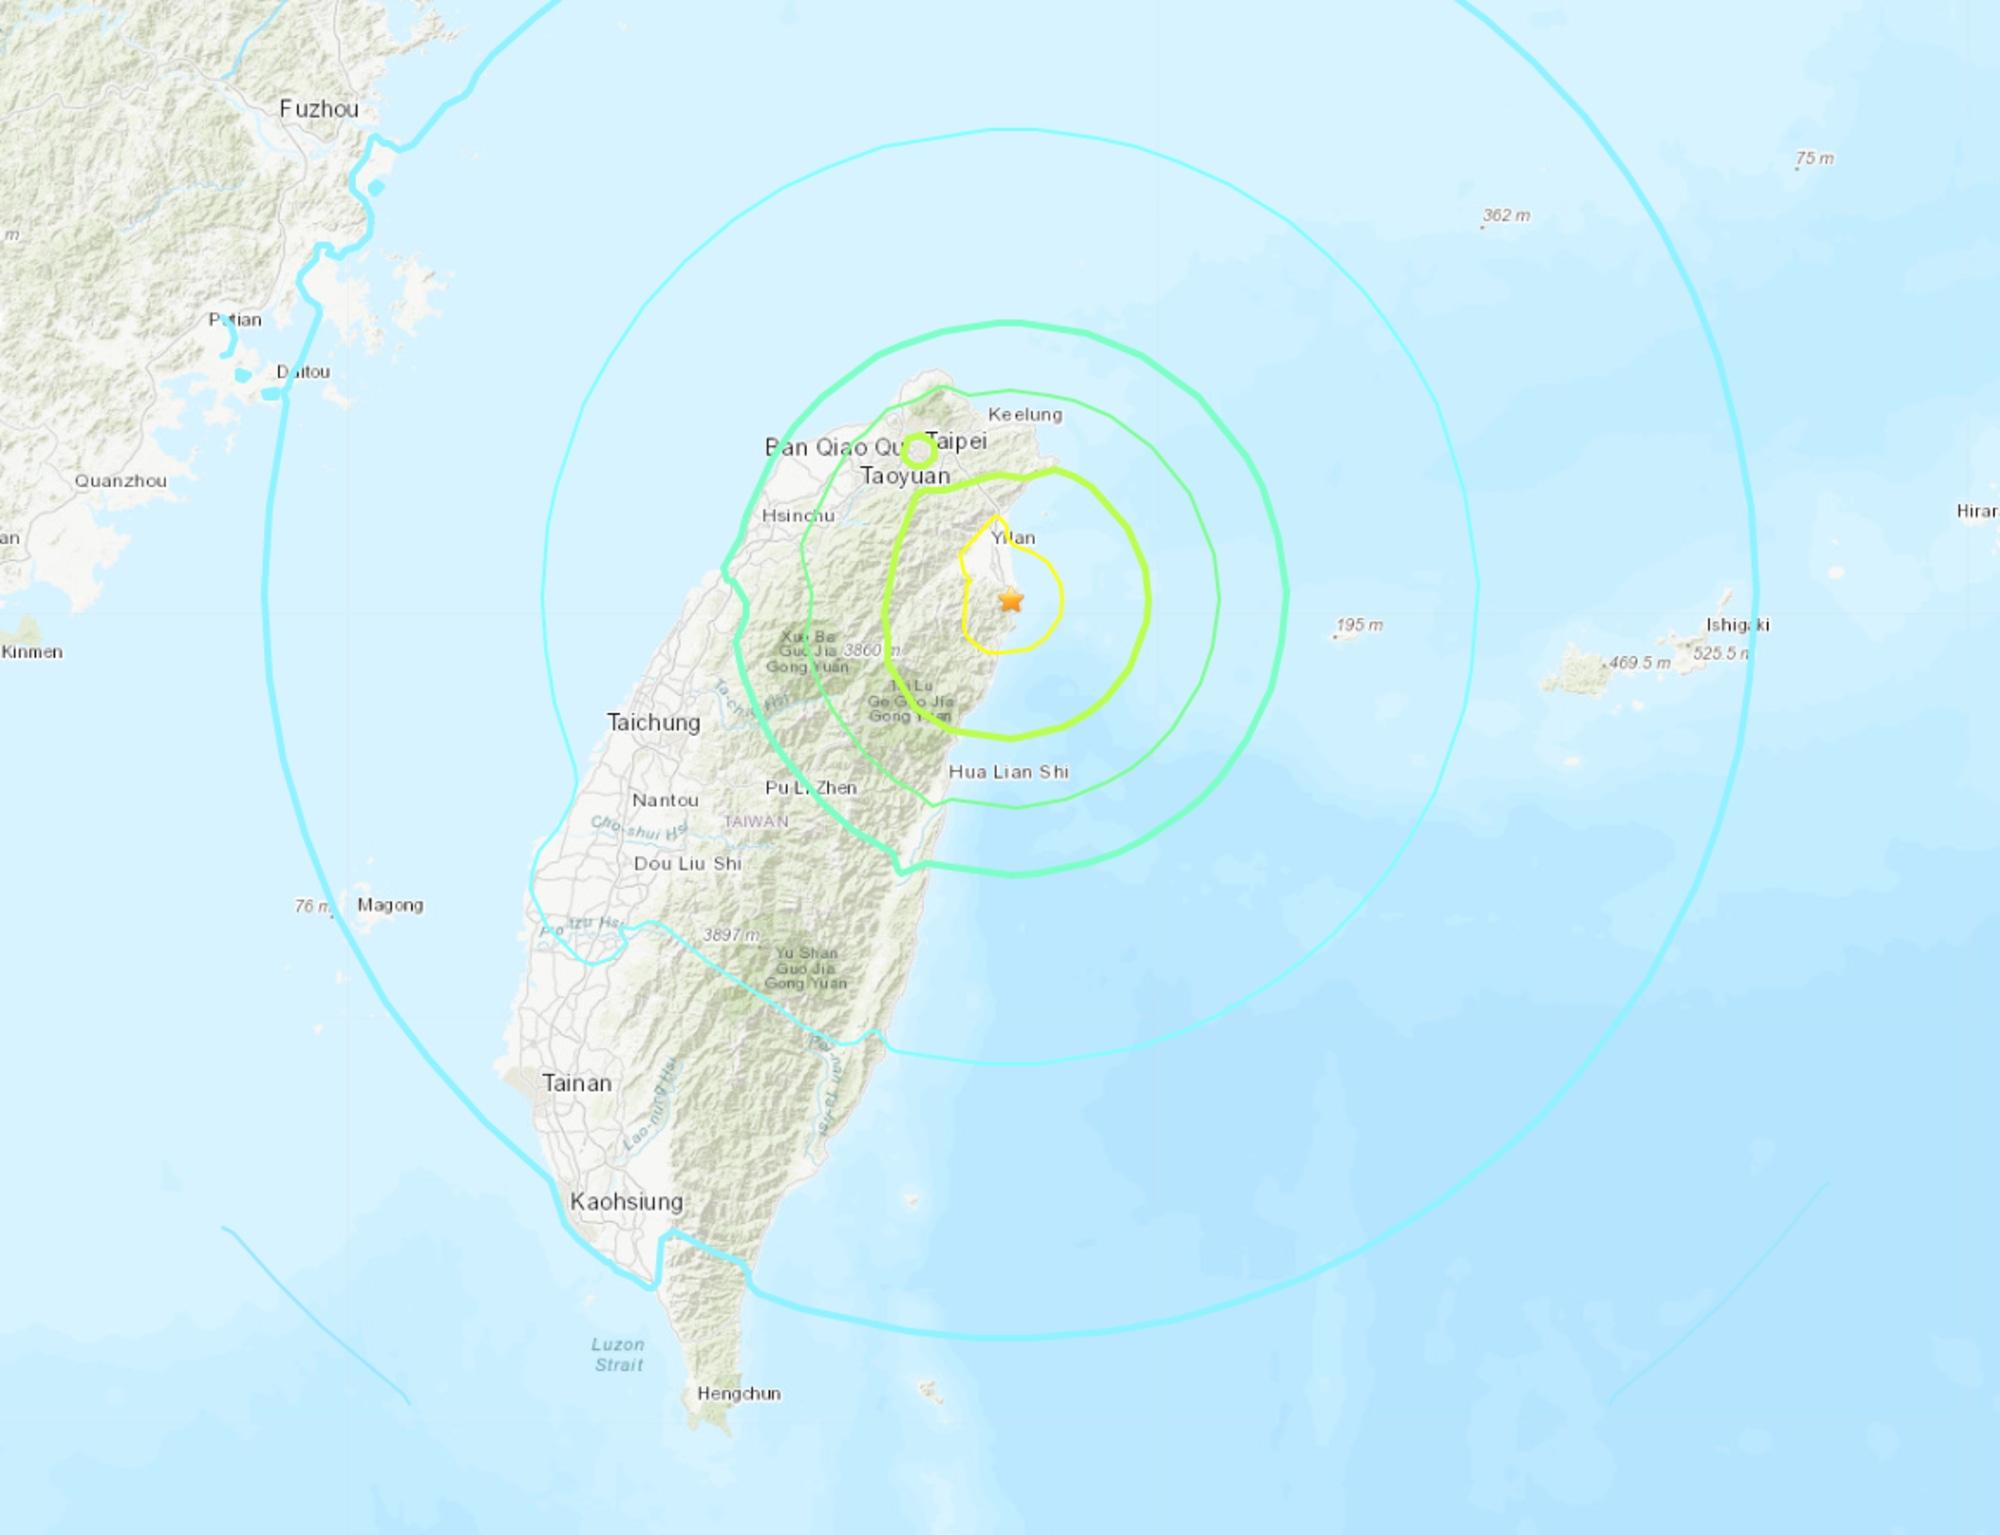 6.5 Magnitude Earthquake Strikes Taiwan